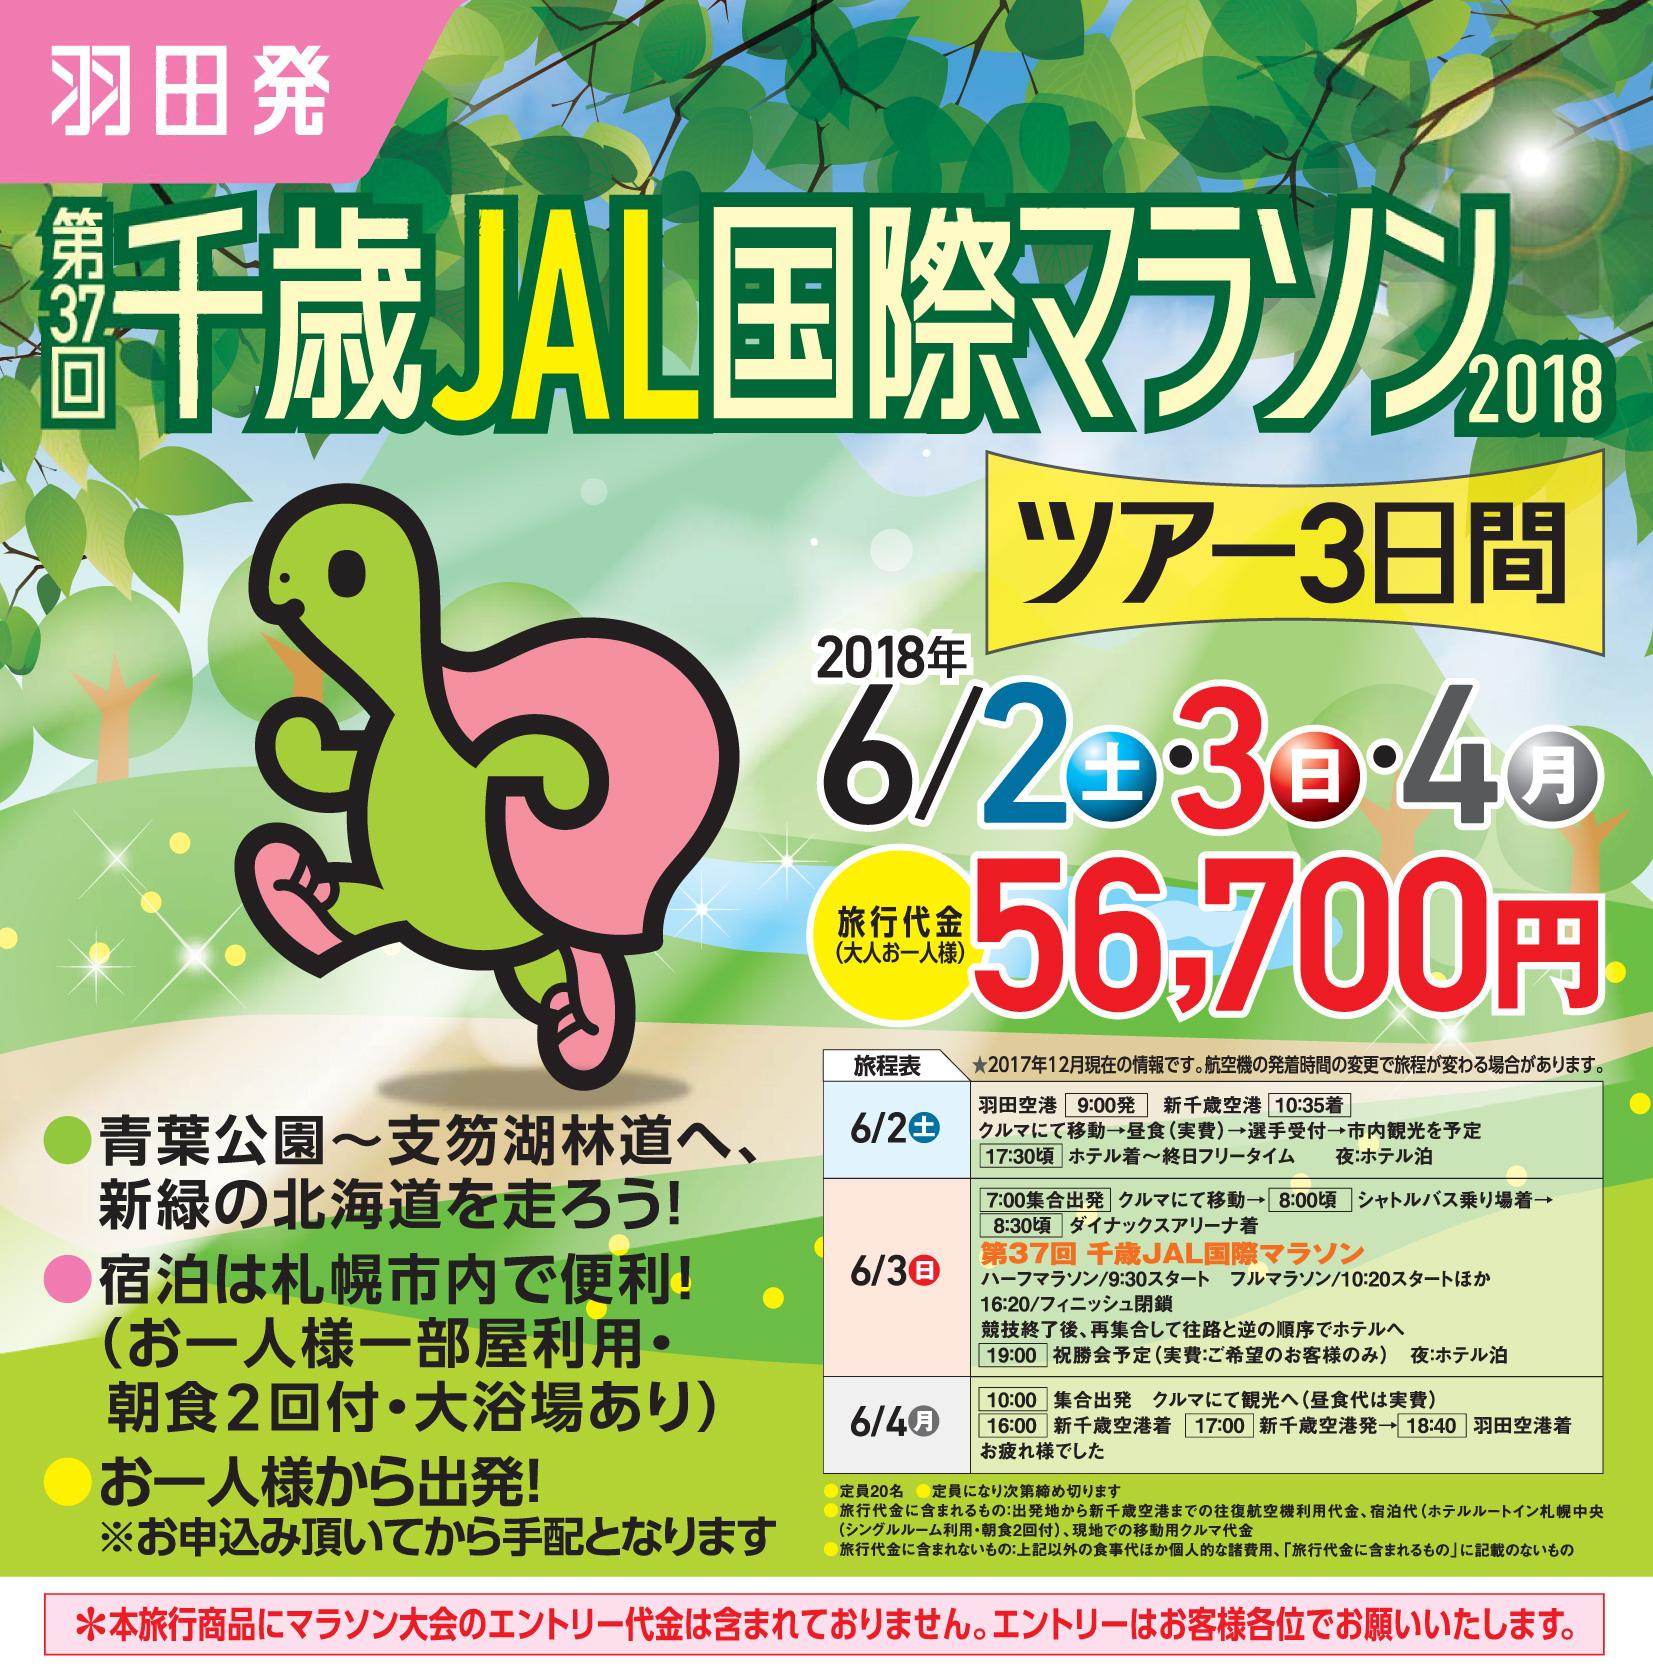 〈東京発〉第37回 千歳JAL国際マラソン2018 ツアー3日間